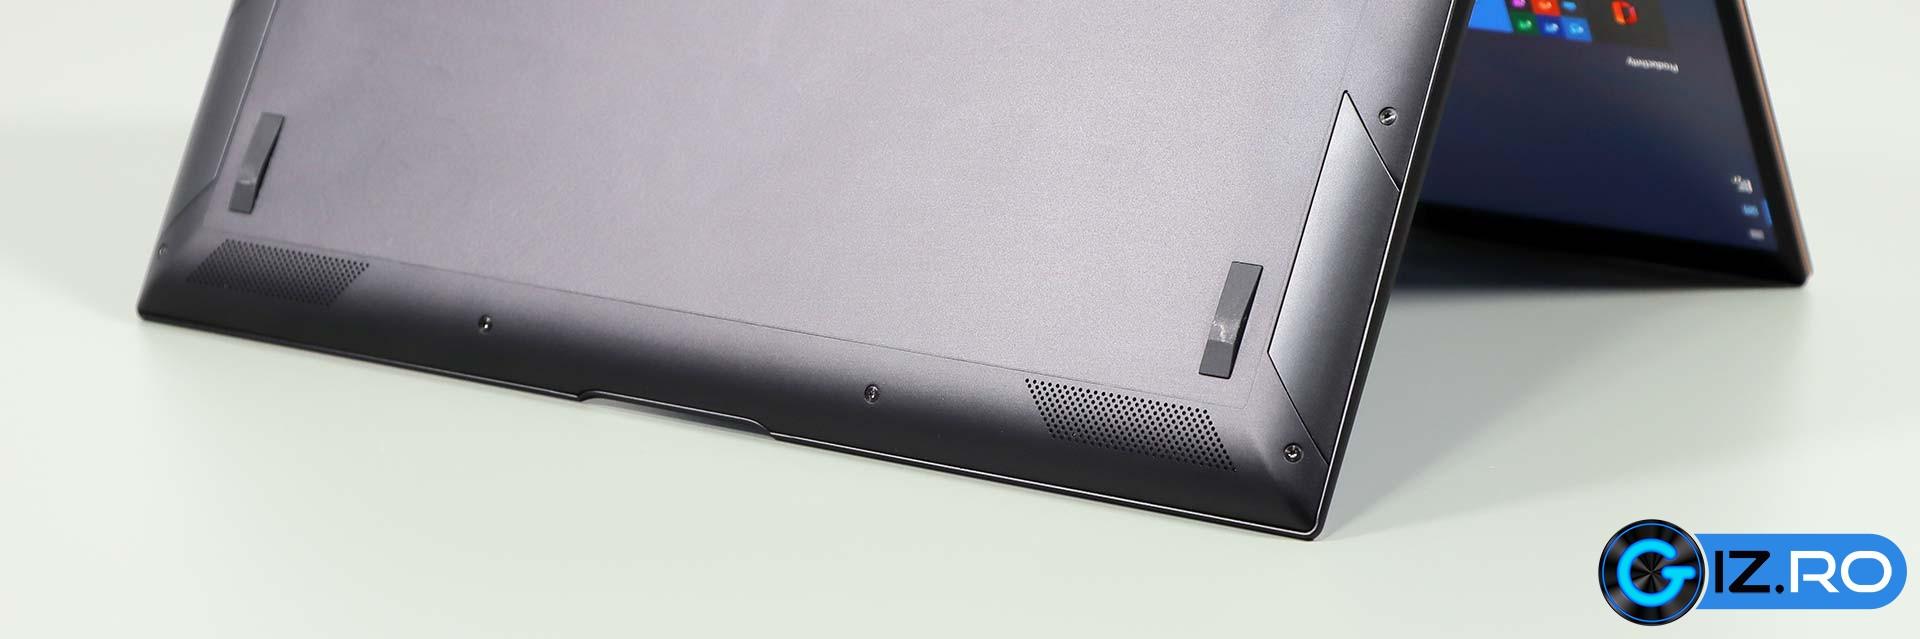 asus-zenbook-ux371-speakers